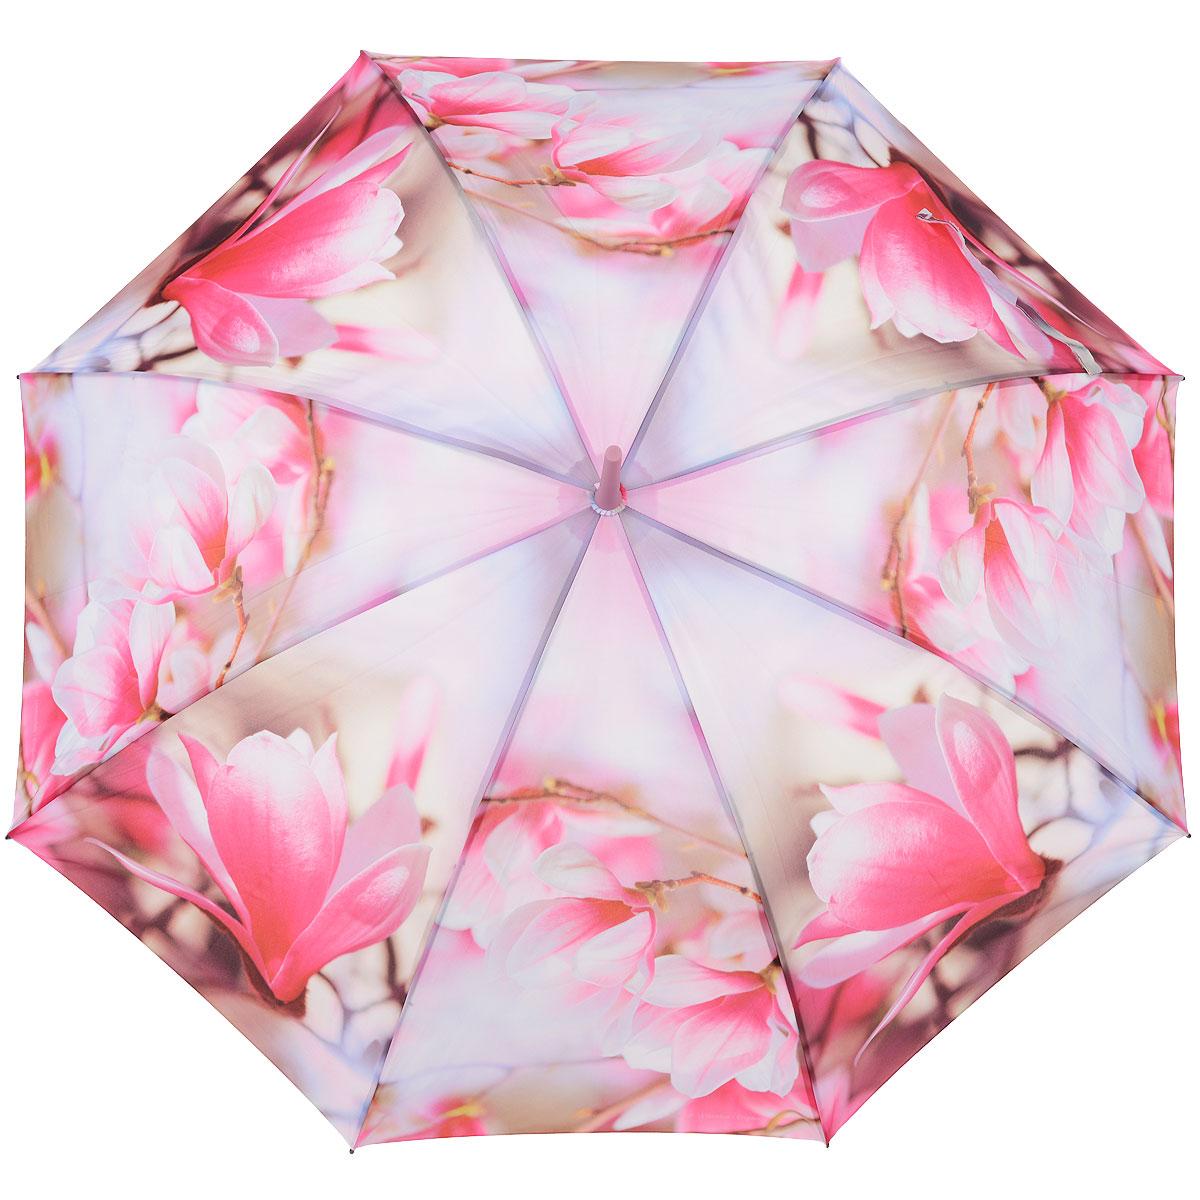 Зонт-трость женский Zest, цвет: розовый. 216255-38П250071001-22Женский полуавтоматический зонт-трость Zest даже в ненастную погоду позволит вам оставаться стильной и элегантной. Каркас зонта состоит из 8 спиц из фибергласса и прочного стержня из пластика. Специальная система Windproof защищает его от поломок во время сильных порывов ветра. Купол зонта выполнен из прочного полиэстера с водоотталкивающей пропиткой и оформлен изображением цветов. Используемые высококачественные красители, а также покрытие Teflon обеспечивают длительное сохранение свойств ткани купола. Рукоятка закругленной формы, разработанная с учетом требований эргономики, выполнена из приятного на ощупь прорезиненного пластика розового цвета. Зонт имеет полуавтоматический механизм сложения: купол открывается нажатием на кнопку и закрывается вручную до характерного щелчка.Такой зонт не только надежно защитит вас от дождя, но и станет стильным аксессуаром, который идеально подчеркнет ваш неповторимый образ. Характеристики:Материал: металл, полиэстер, пластик. Цвет: розовый. Длина стержня зонта: 79 см. Количество спиц: 8 шт. Артикул:216255-38.